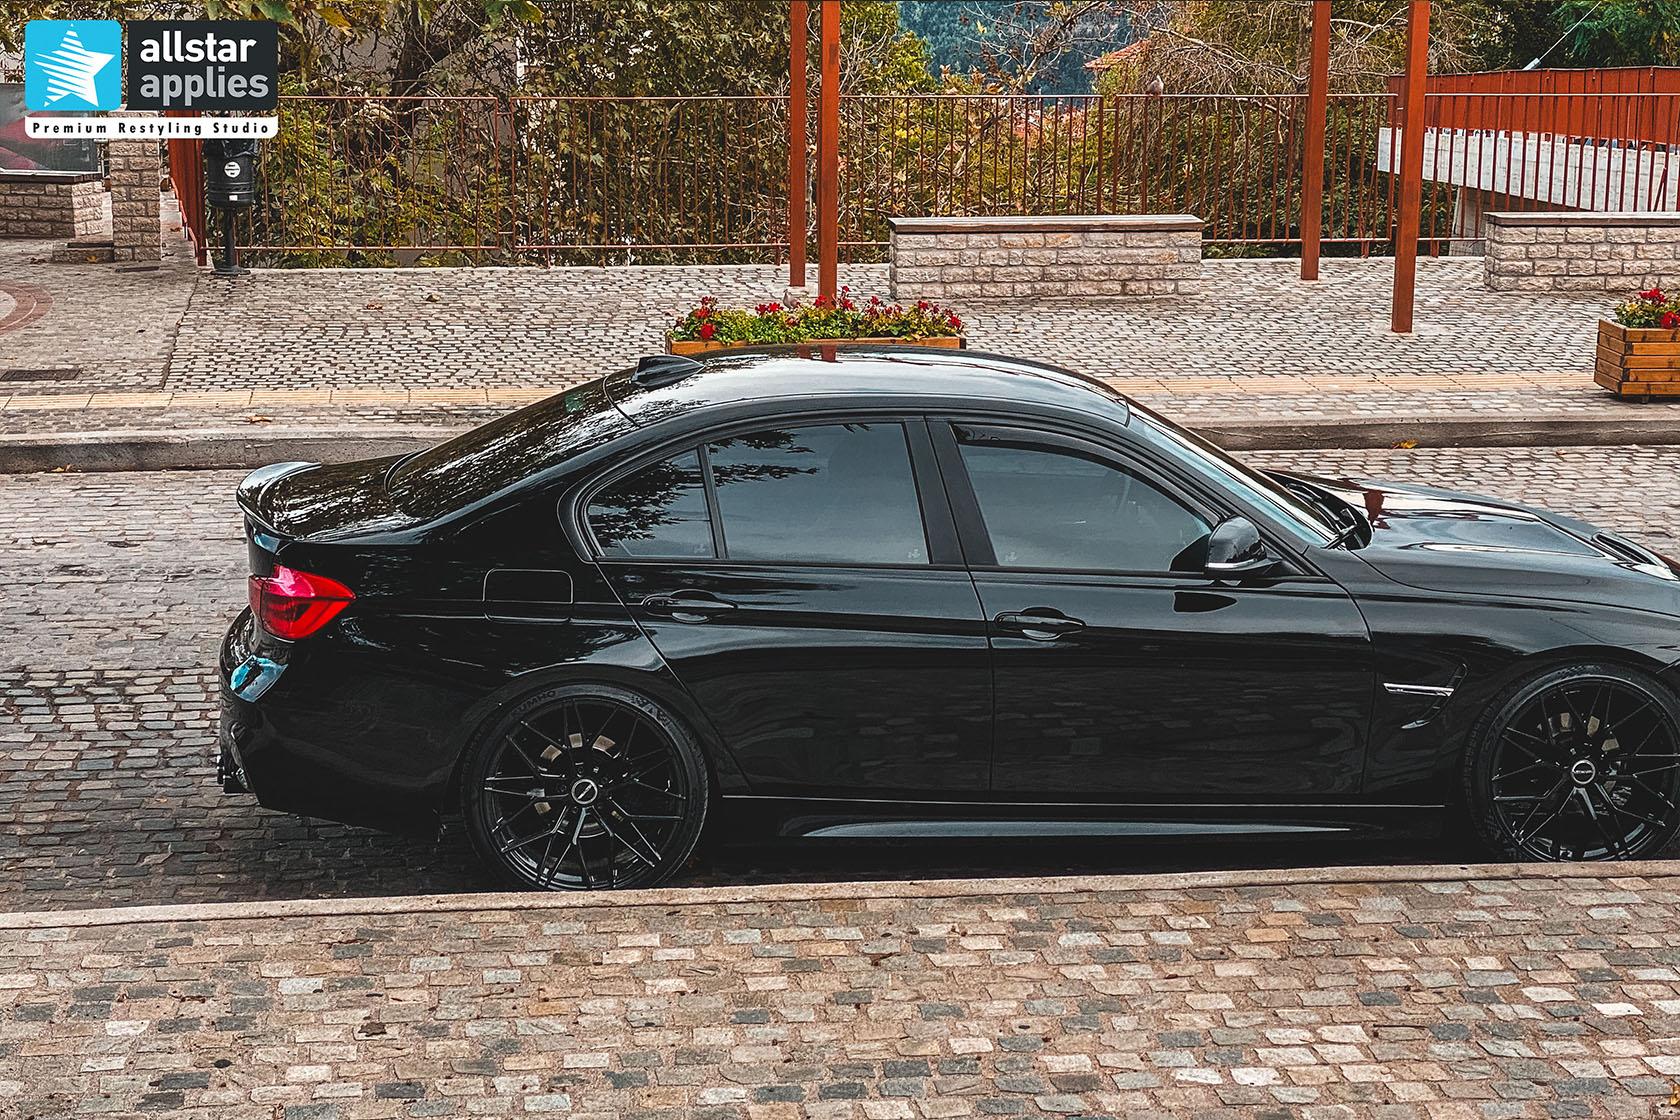 BMW ALLSTAR WHEELS 3 copycopy